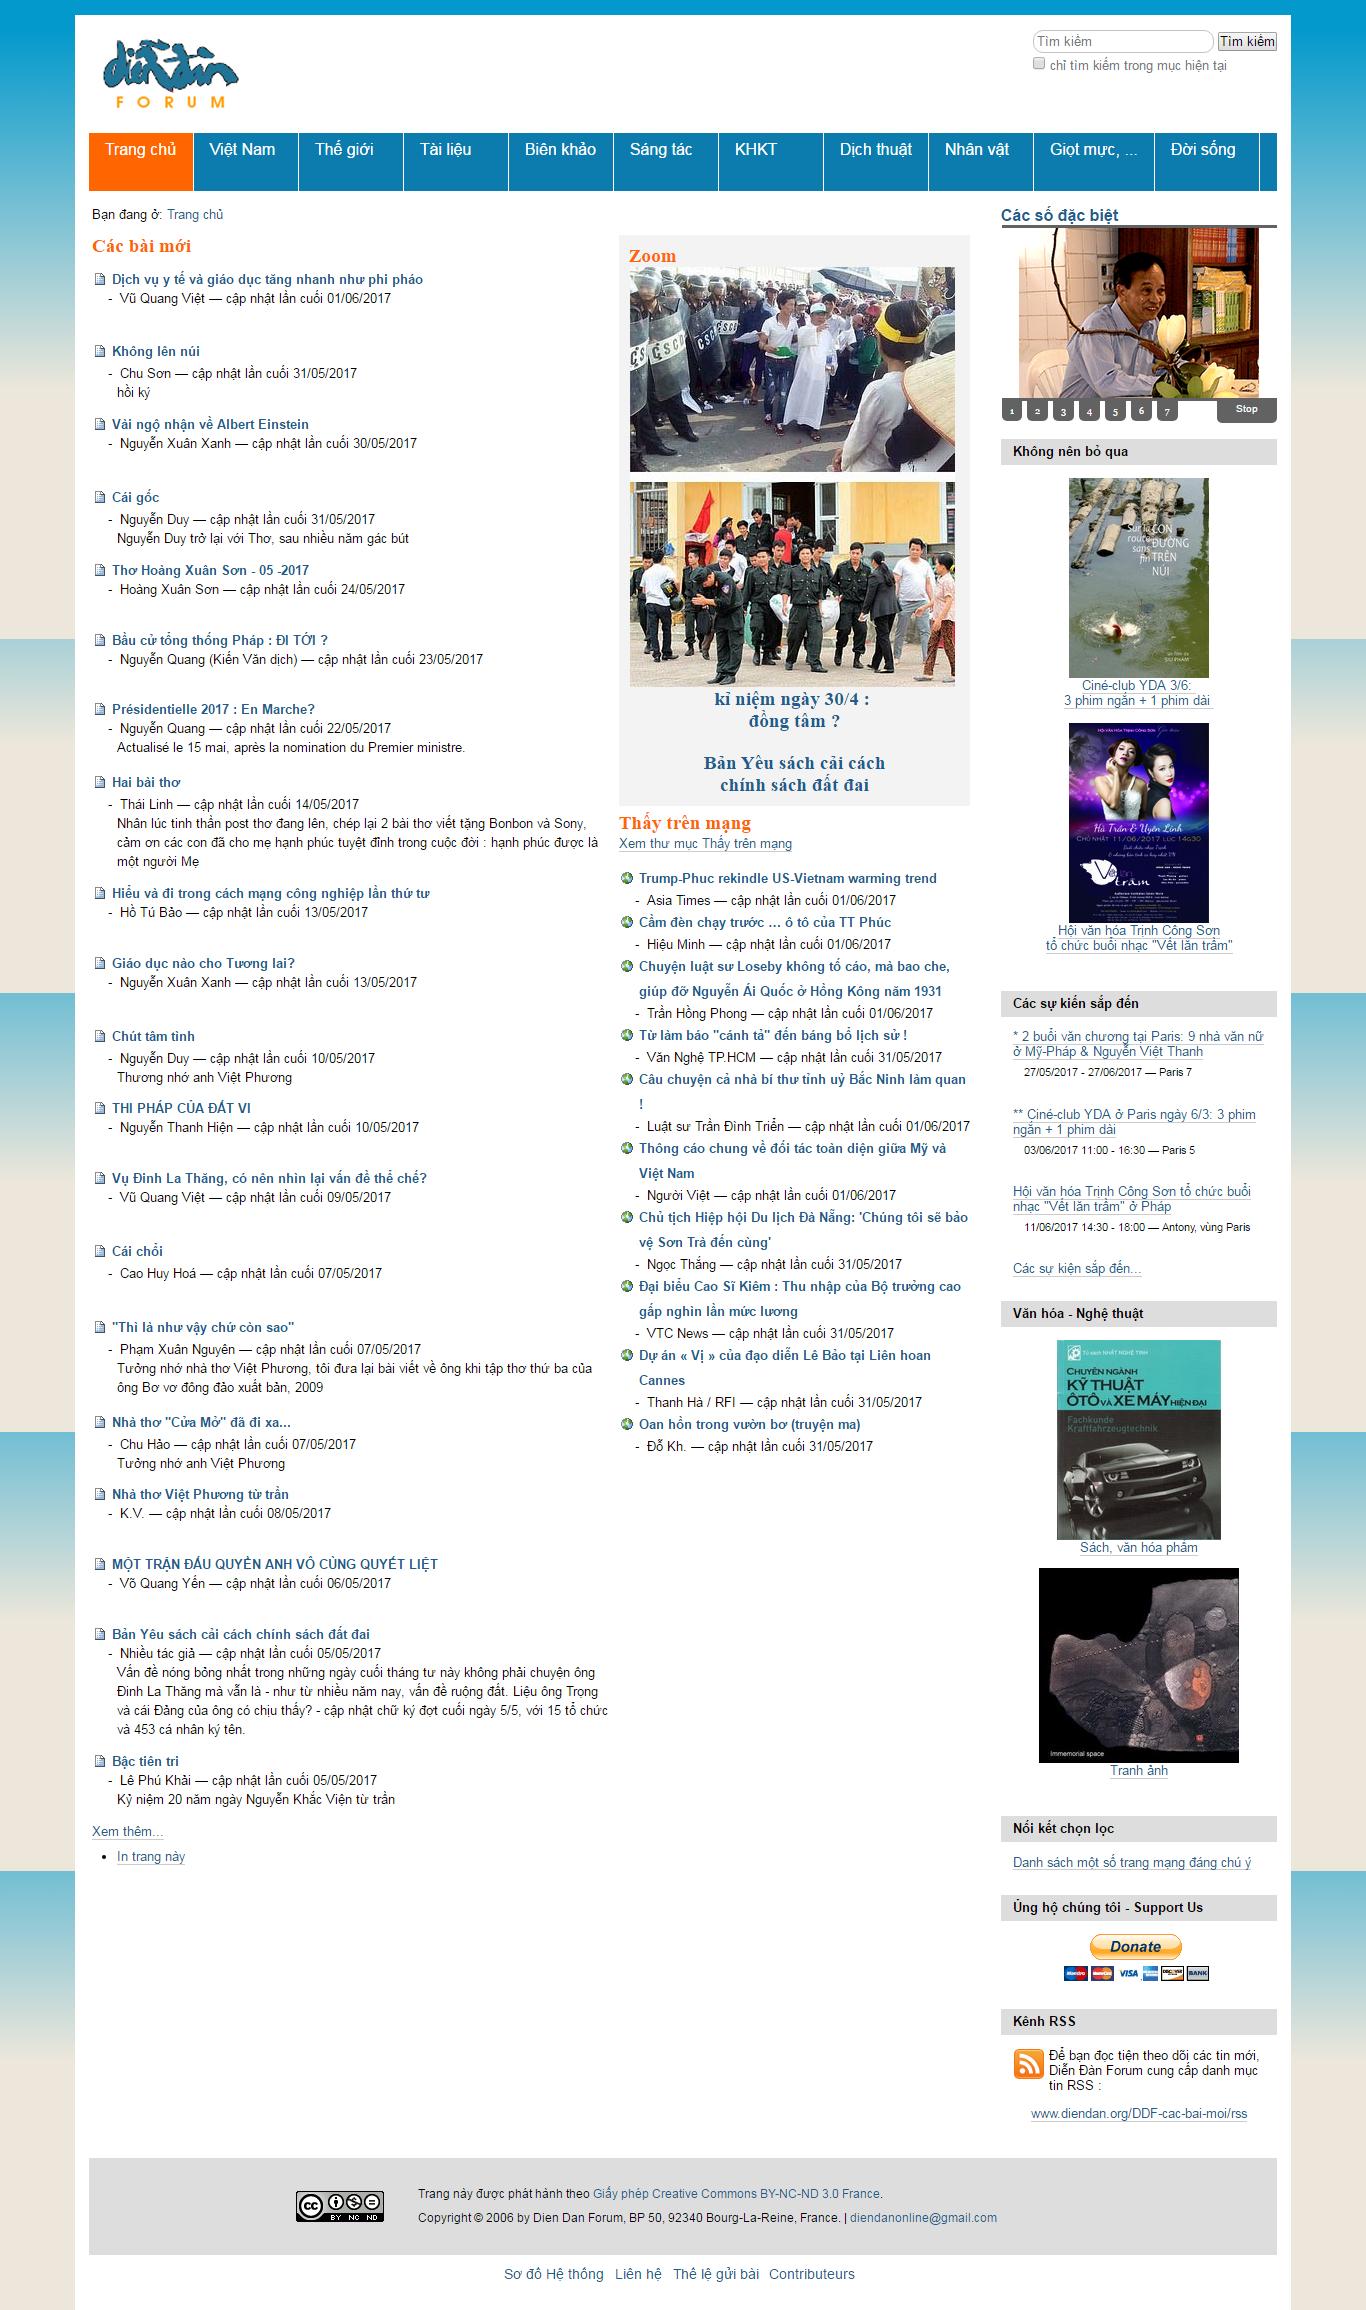 Thiết kế website diễn đàn forum đẹp, chuyên nghiệp chuẩn SEO